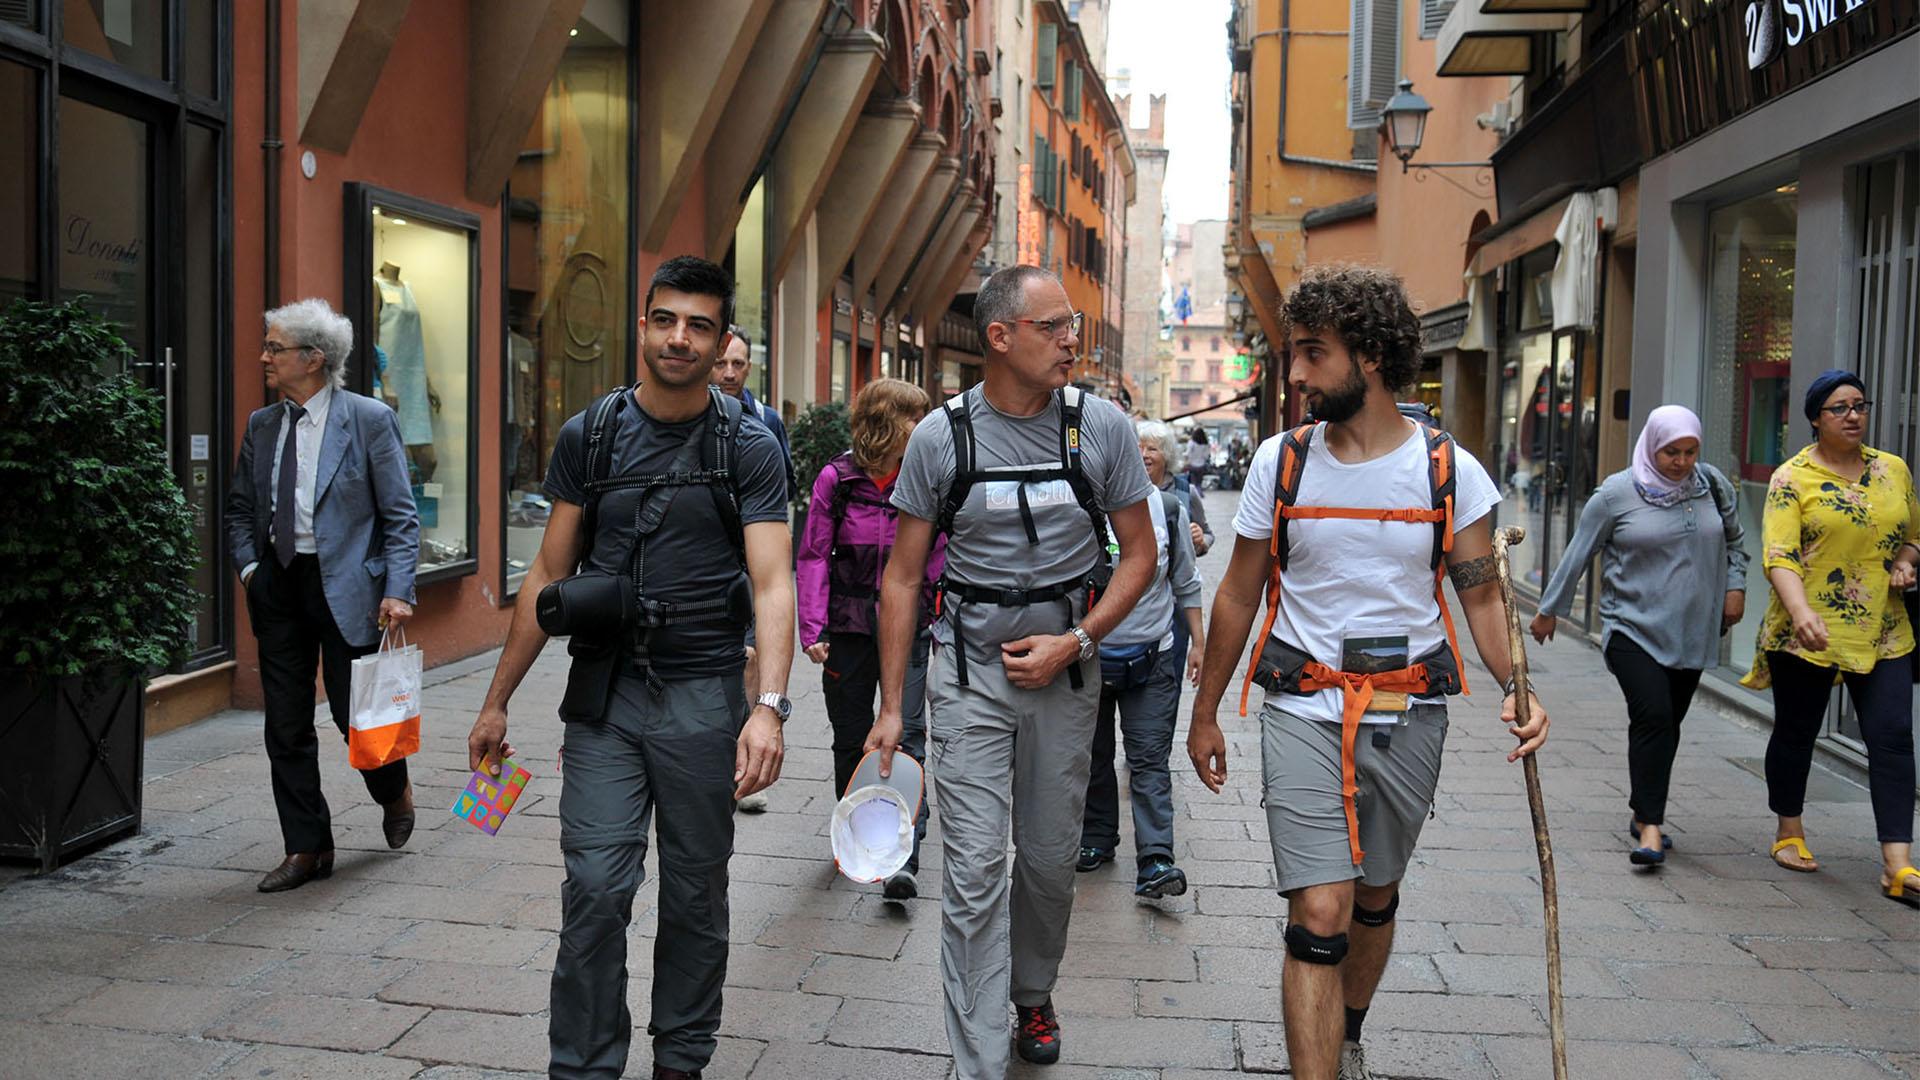 Partenza da Piazza Maggiore - Bologna